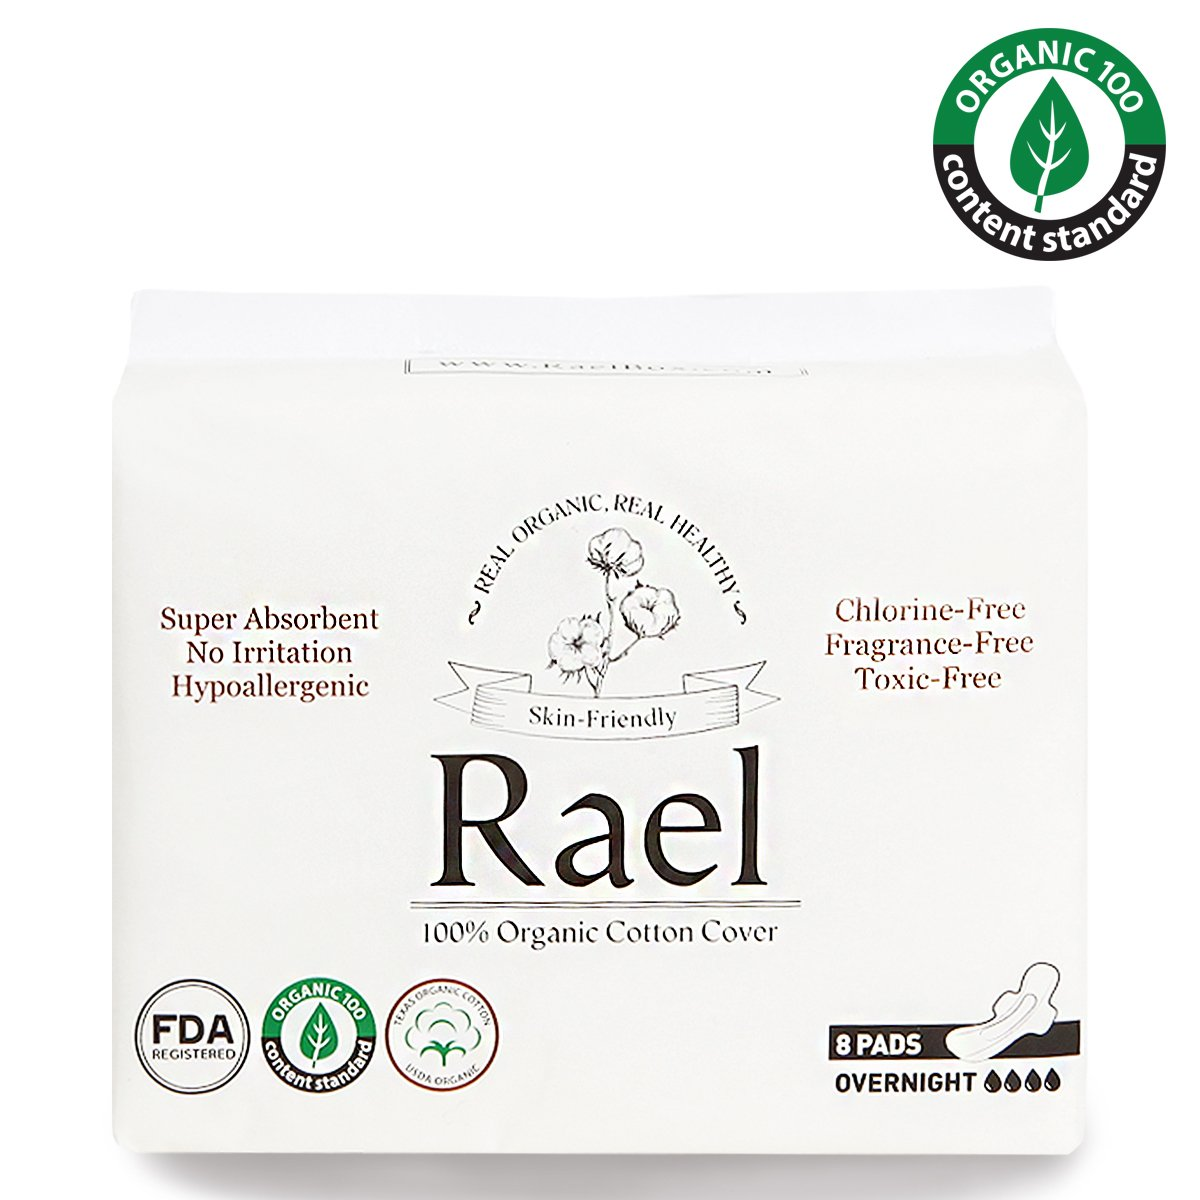 Rael serviettes hygié niques menstruelles de coton organique - serviettes hygié niques normales minces avec des ailes (3 Pack de 8 tampons) RAEL-O-03-V